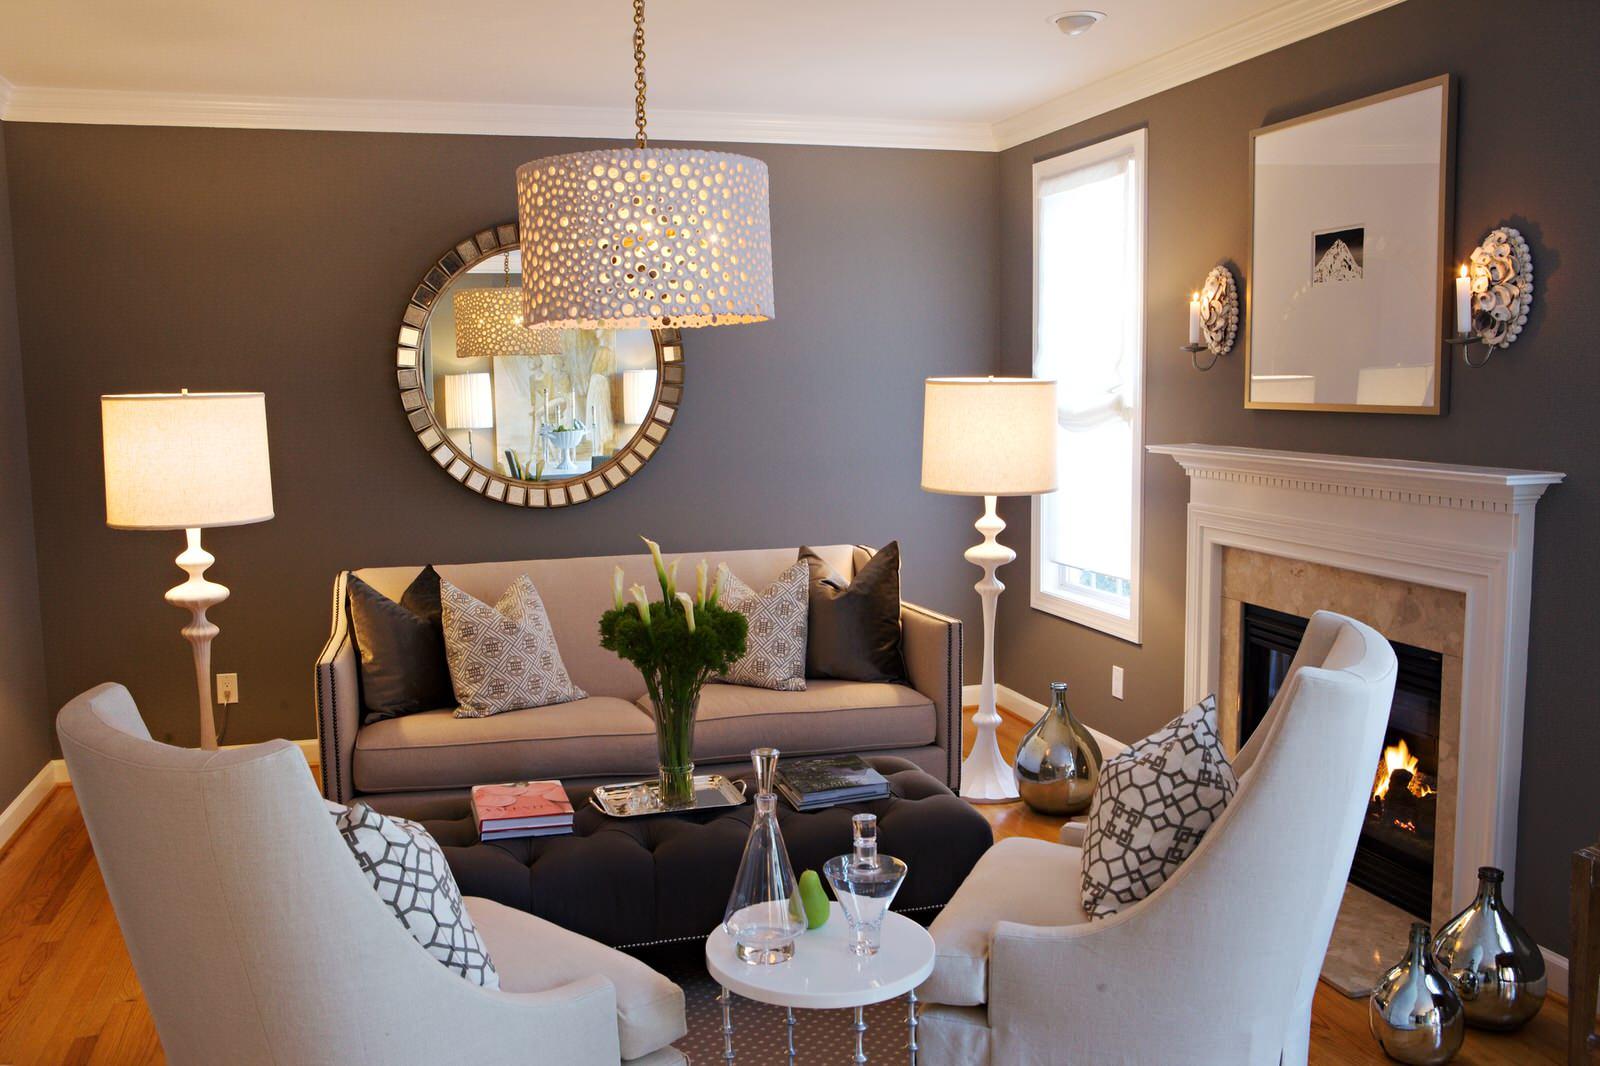 Idee Per Pitturare La Sala.Imbiancare Casa Colori Di Tendenza Per Ogni Stanza Idee